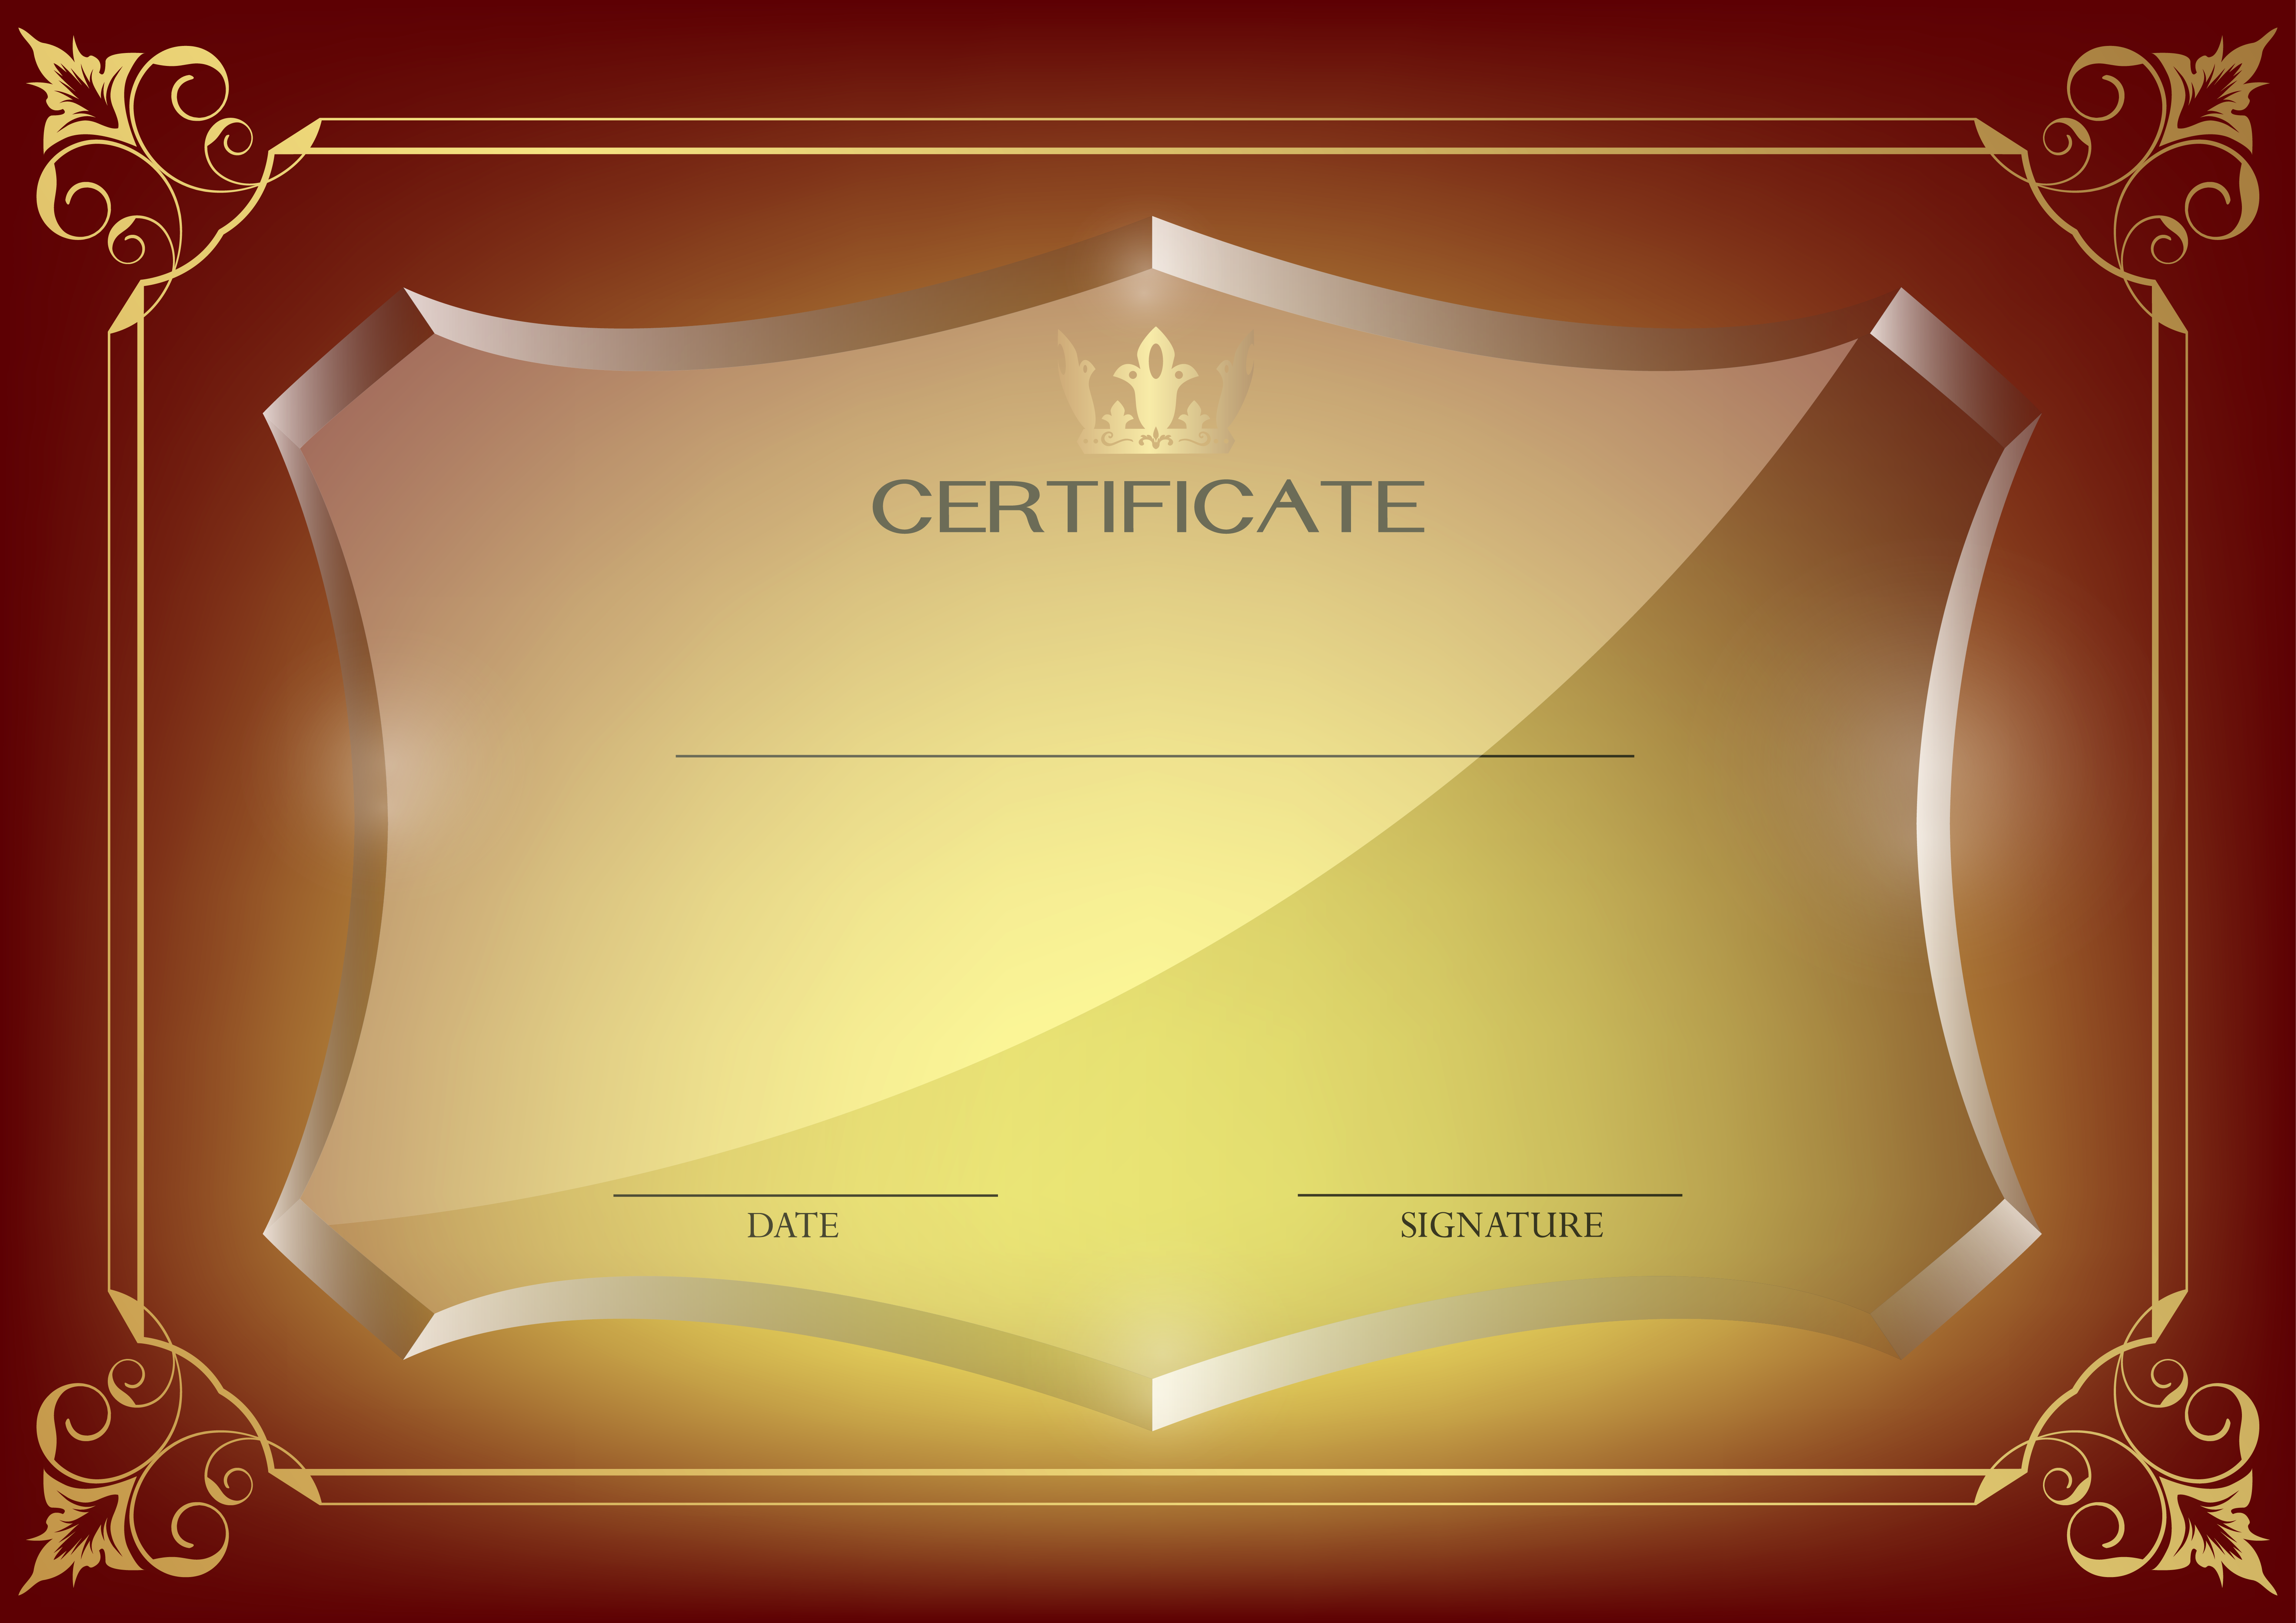 62 bästa idéerna om award certificates på clip art 62 bästa idéerna om award certificates på clip art grafik och photoshop